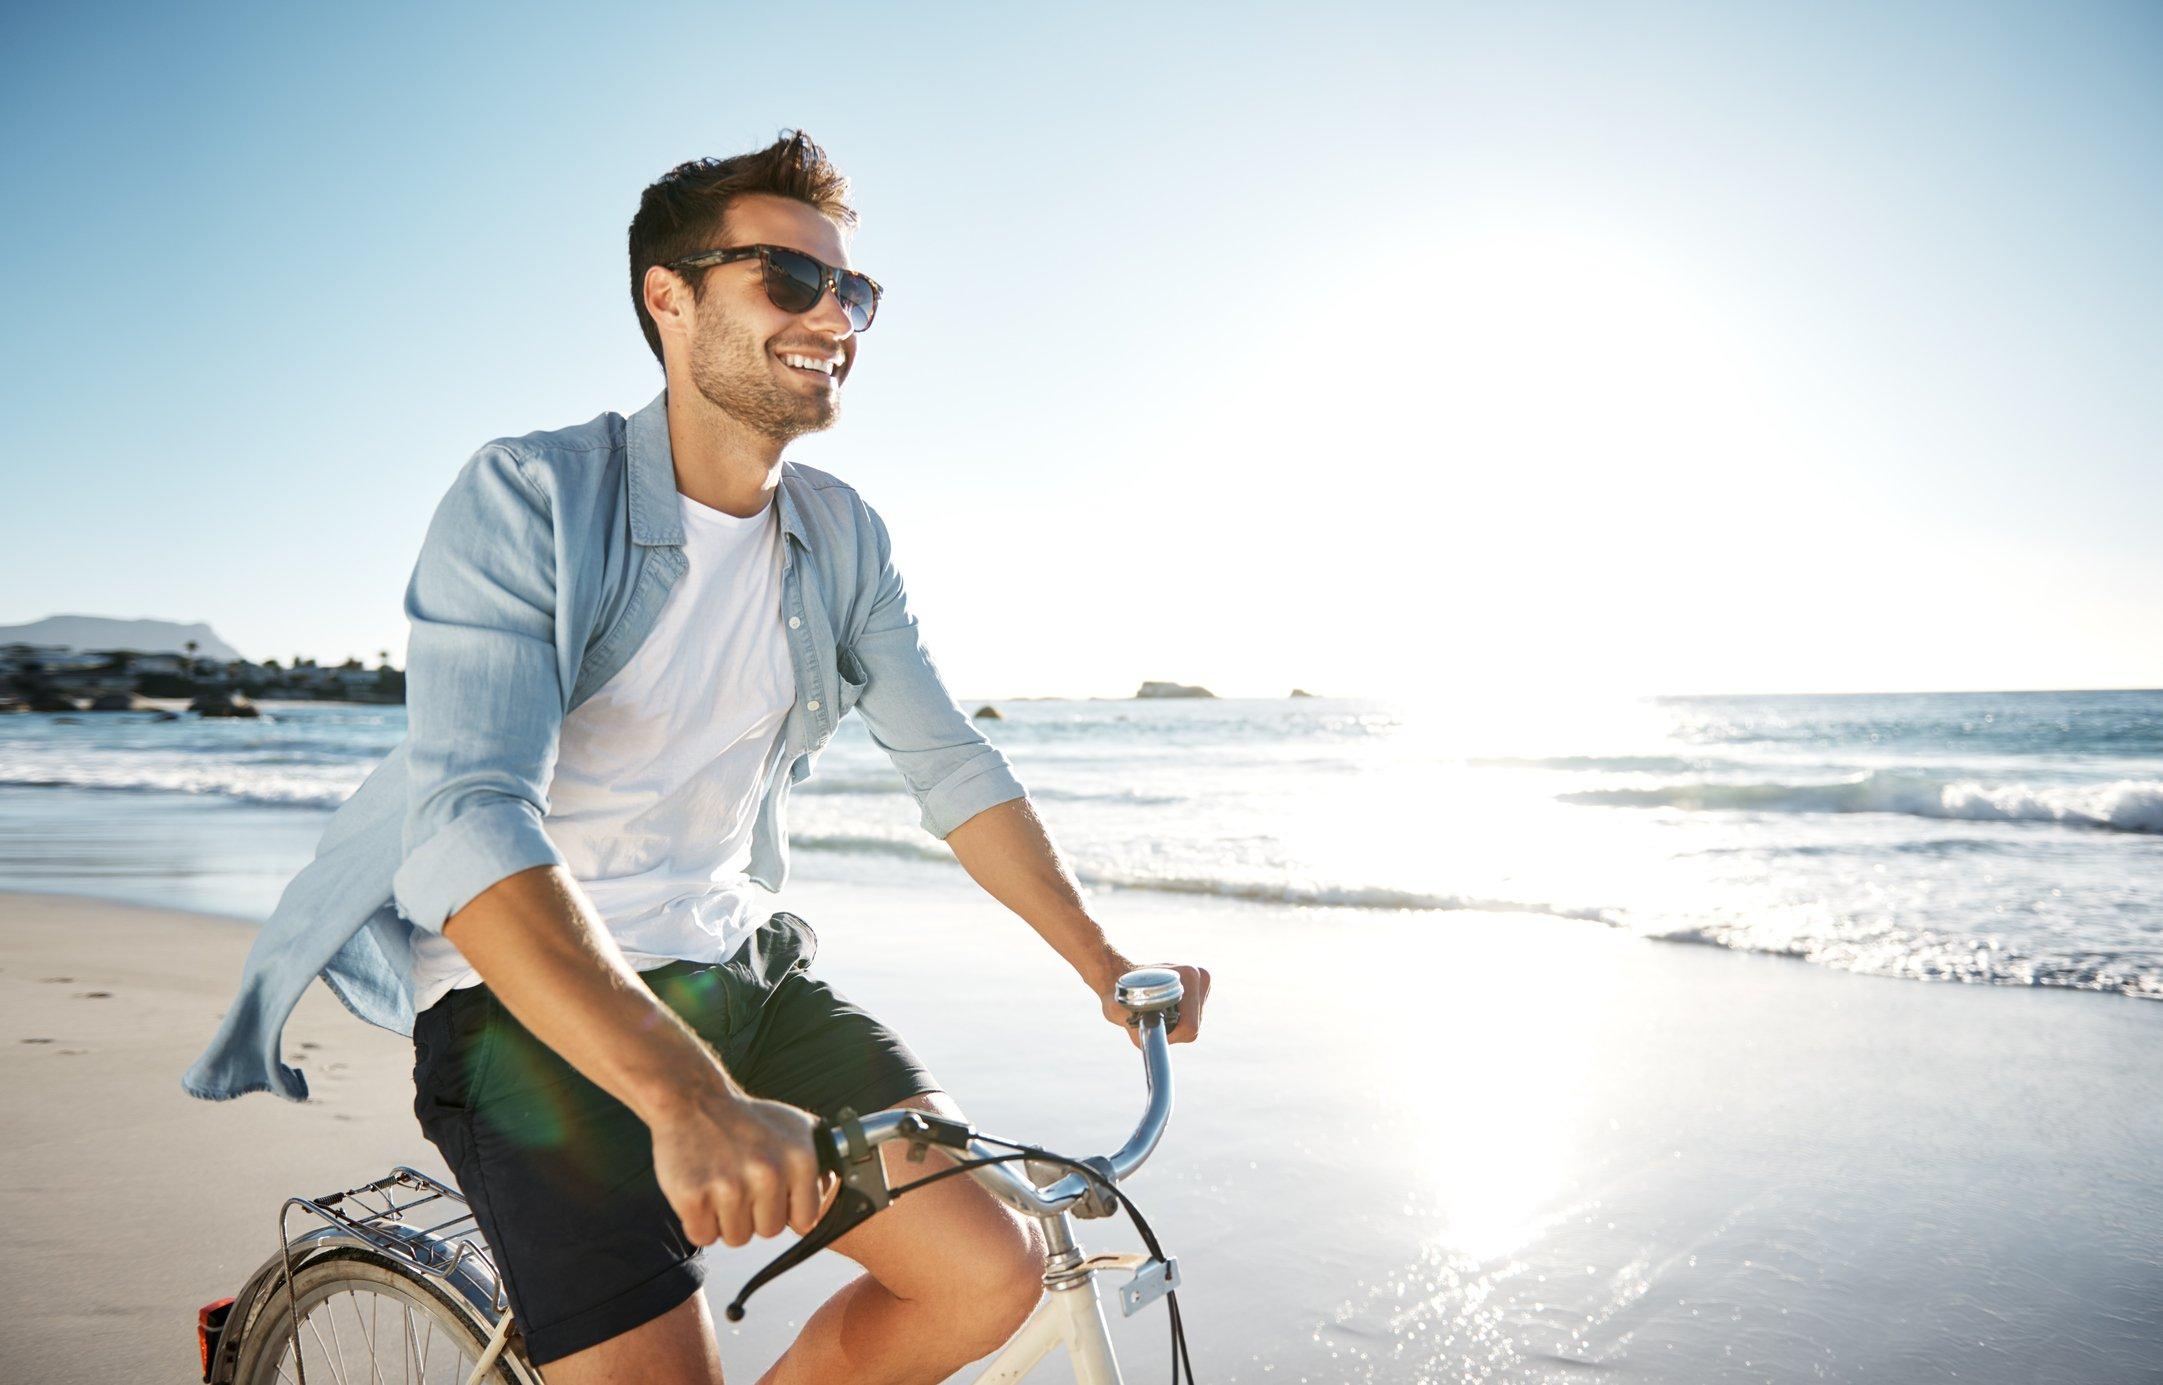 Radfahren im Sommer Denke daran, Deine Haut vor der Sonne zu schützen   Gillette DE